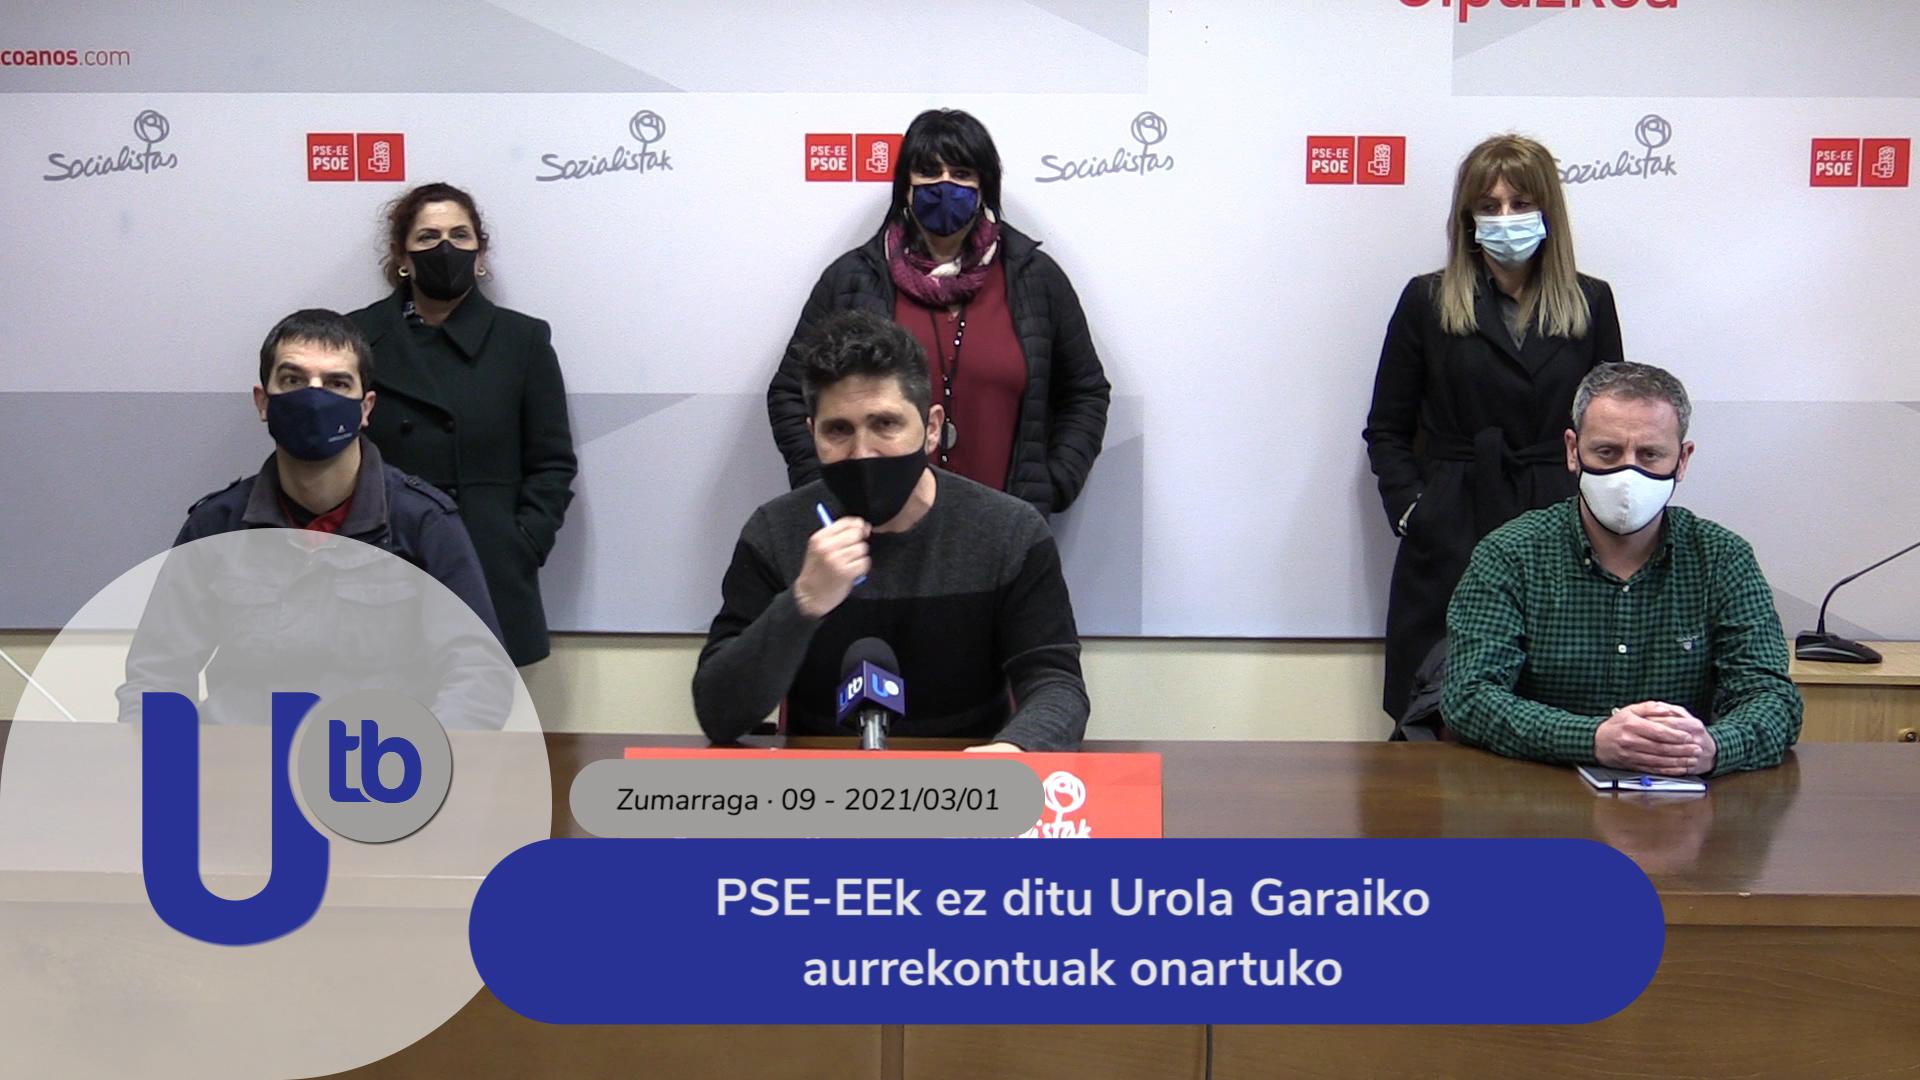 PSE-EEk ez ditu Urola Garaiko aurrekontuak onartuko / PSOE no apoya los presupuestos de Urola Garaia